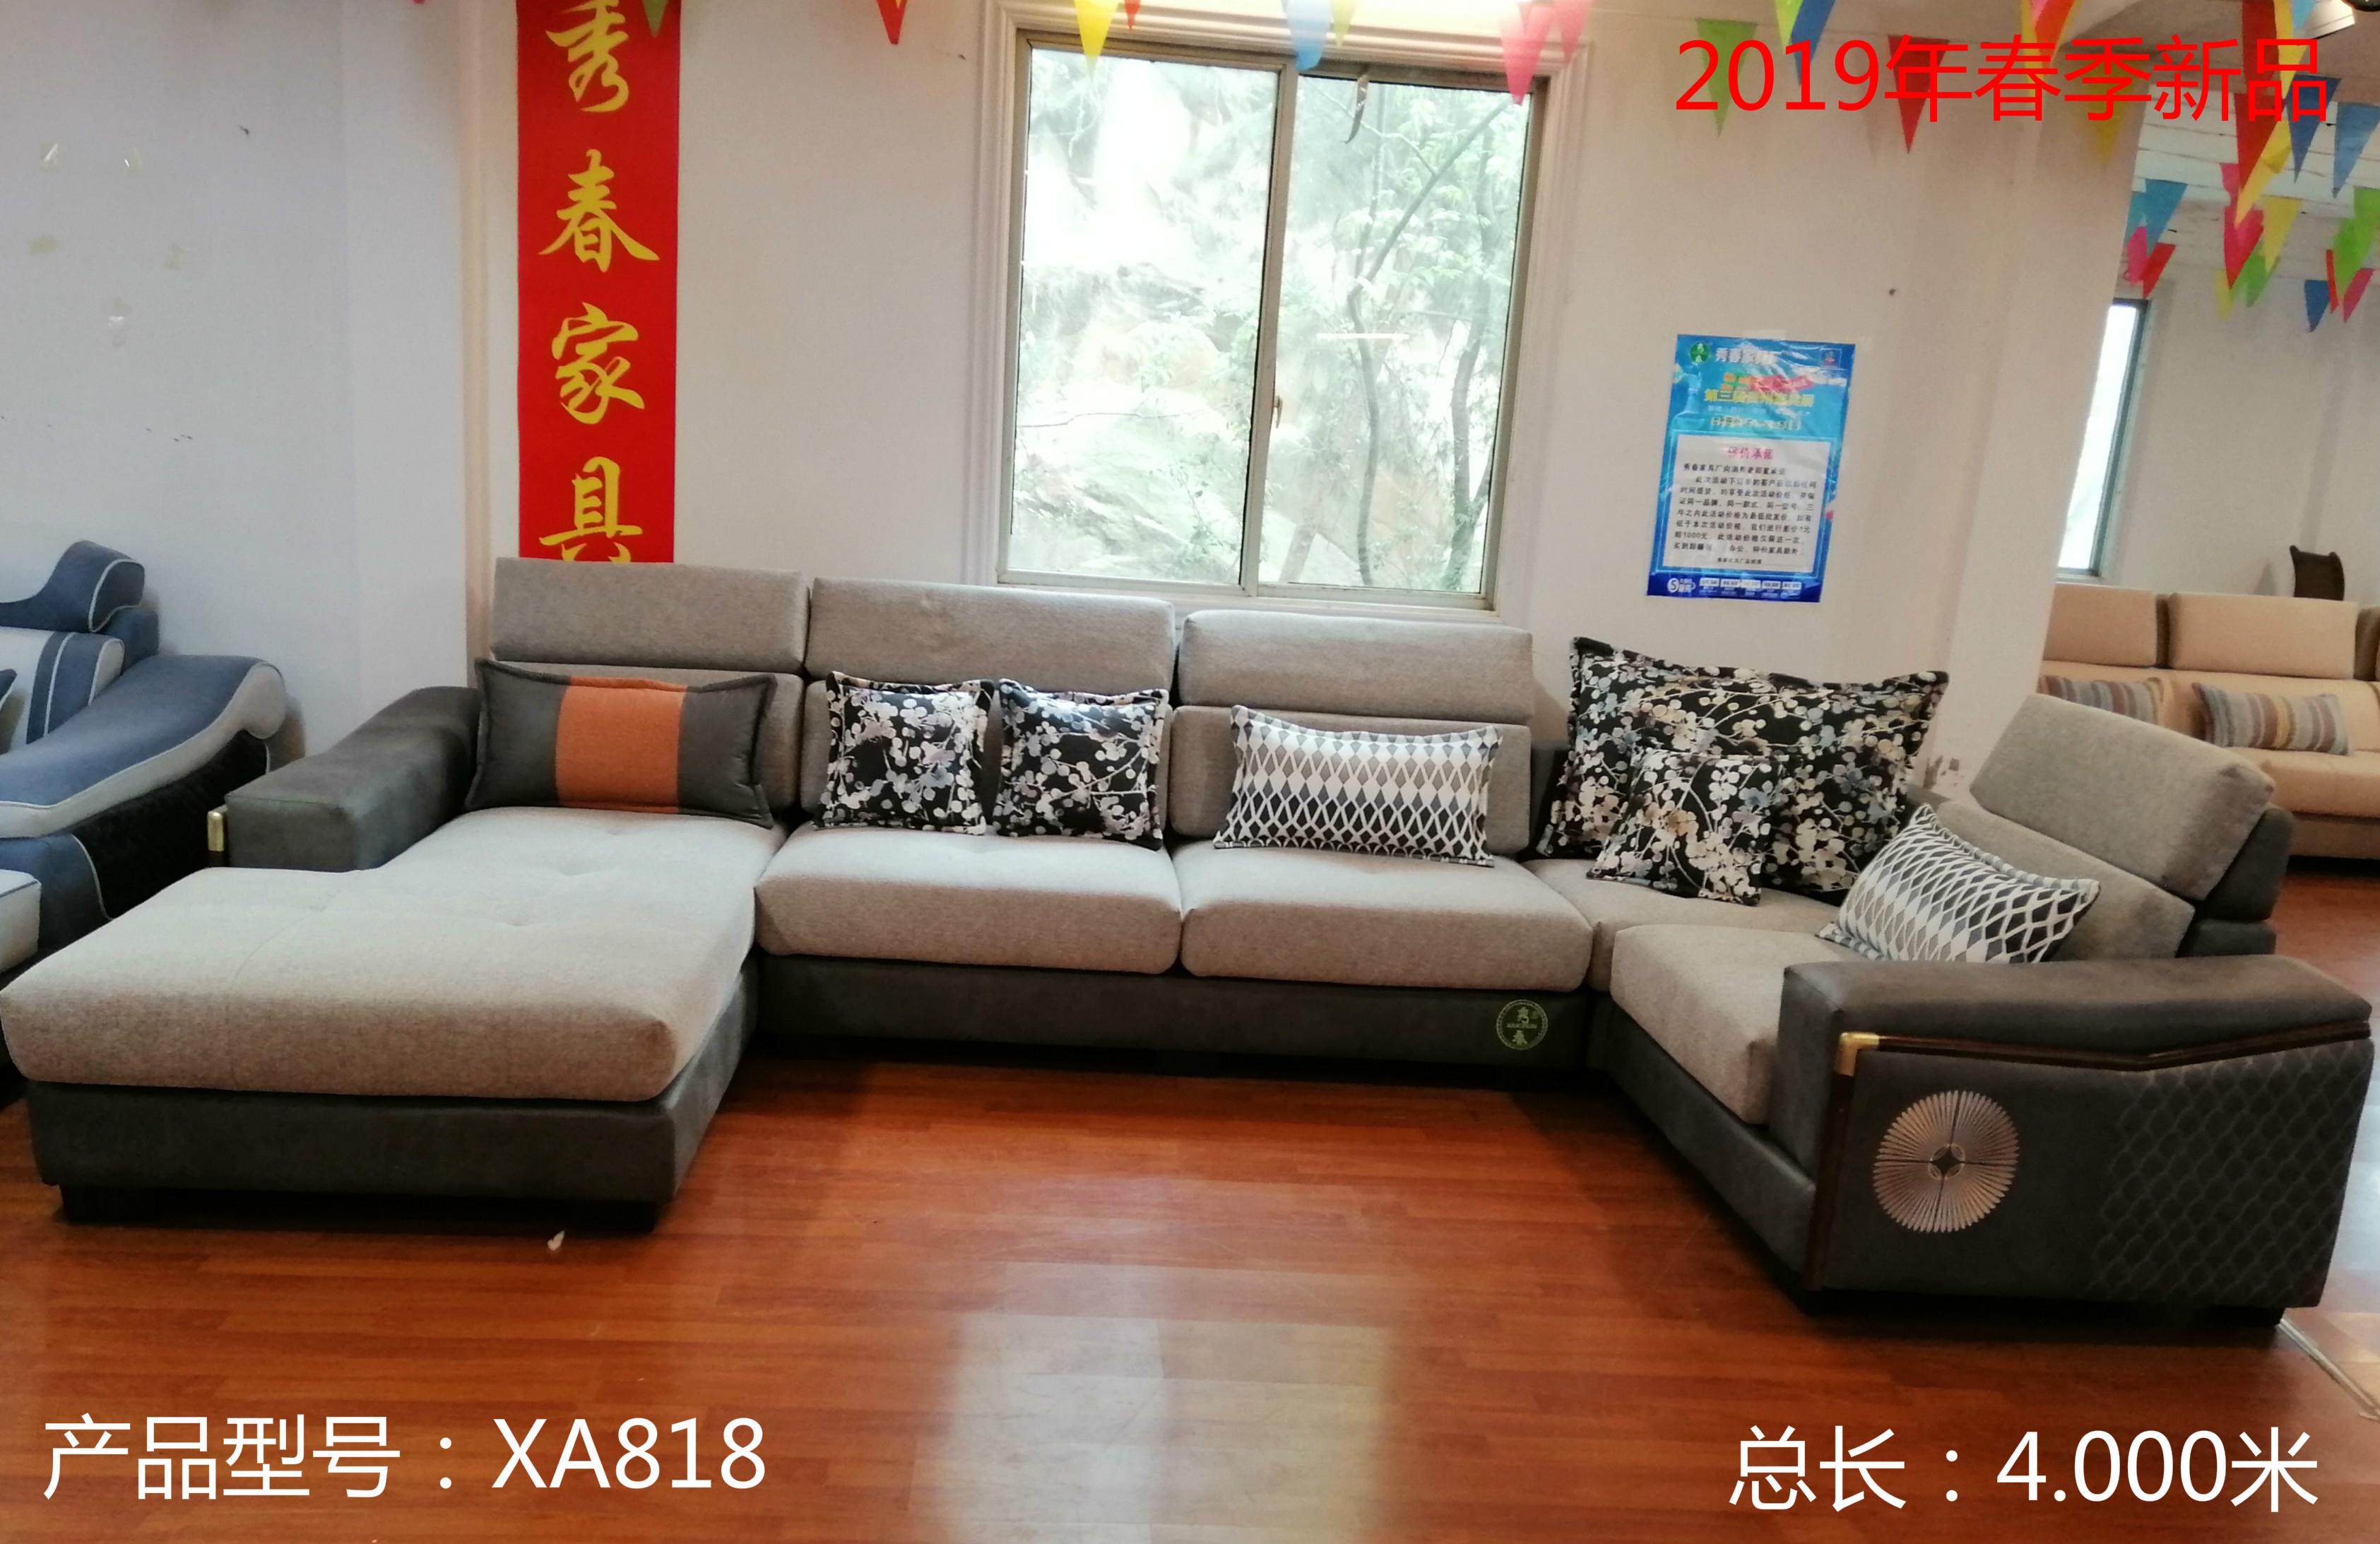 2019贵州新品沙发